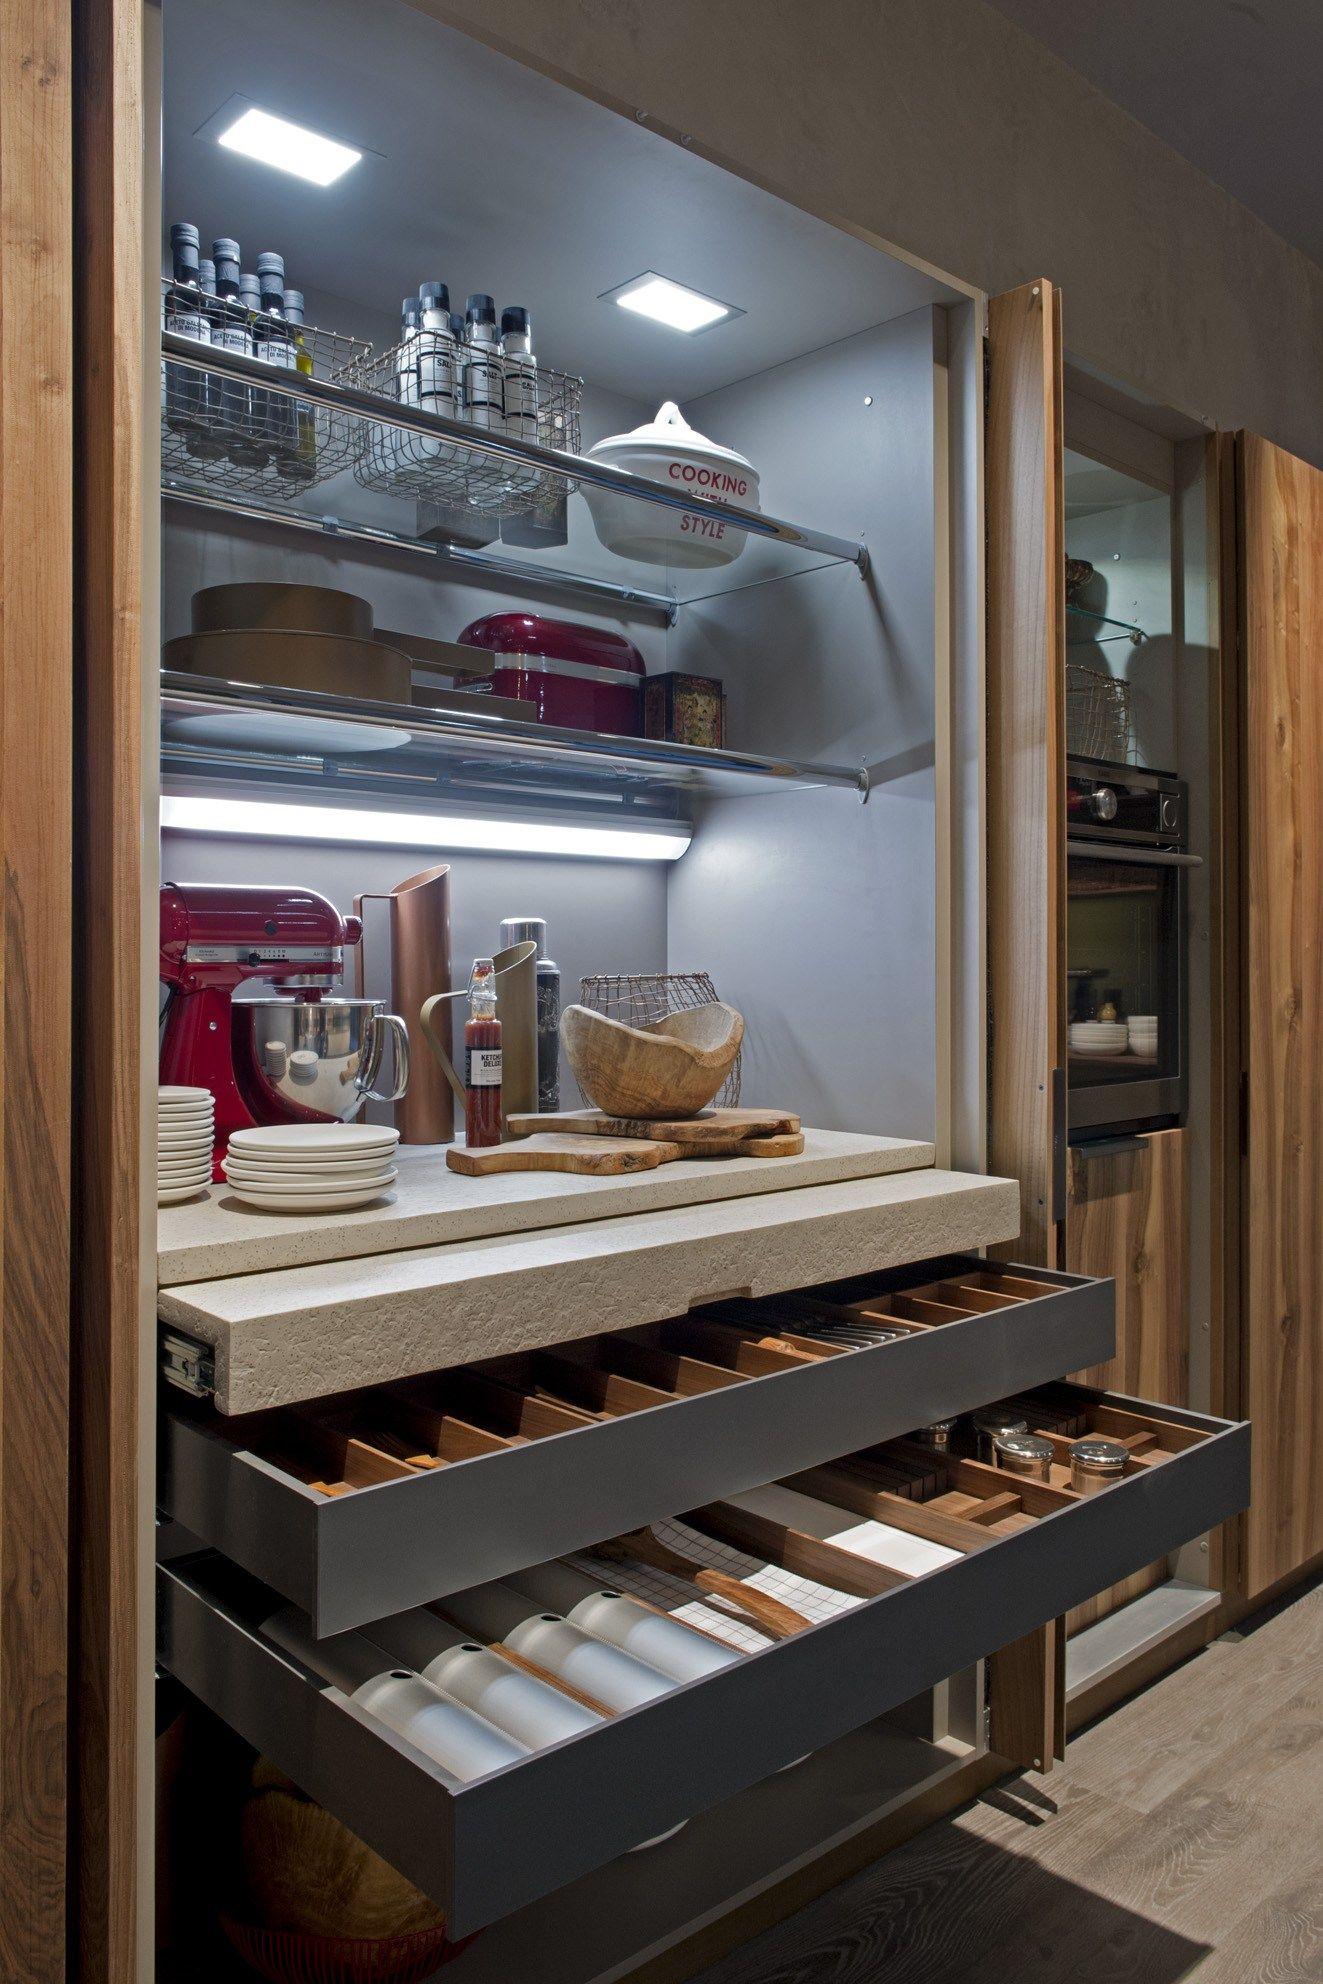 Einbauküche mit Kücheninsel FILOANTIS by Euromobil   Design Roberto ...